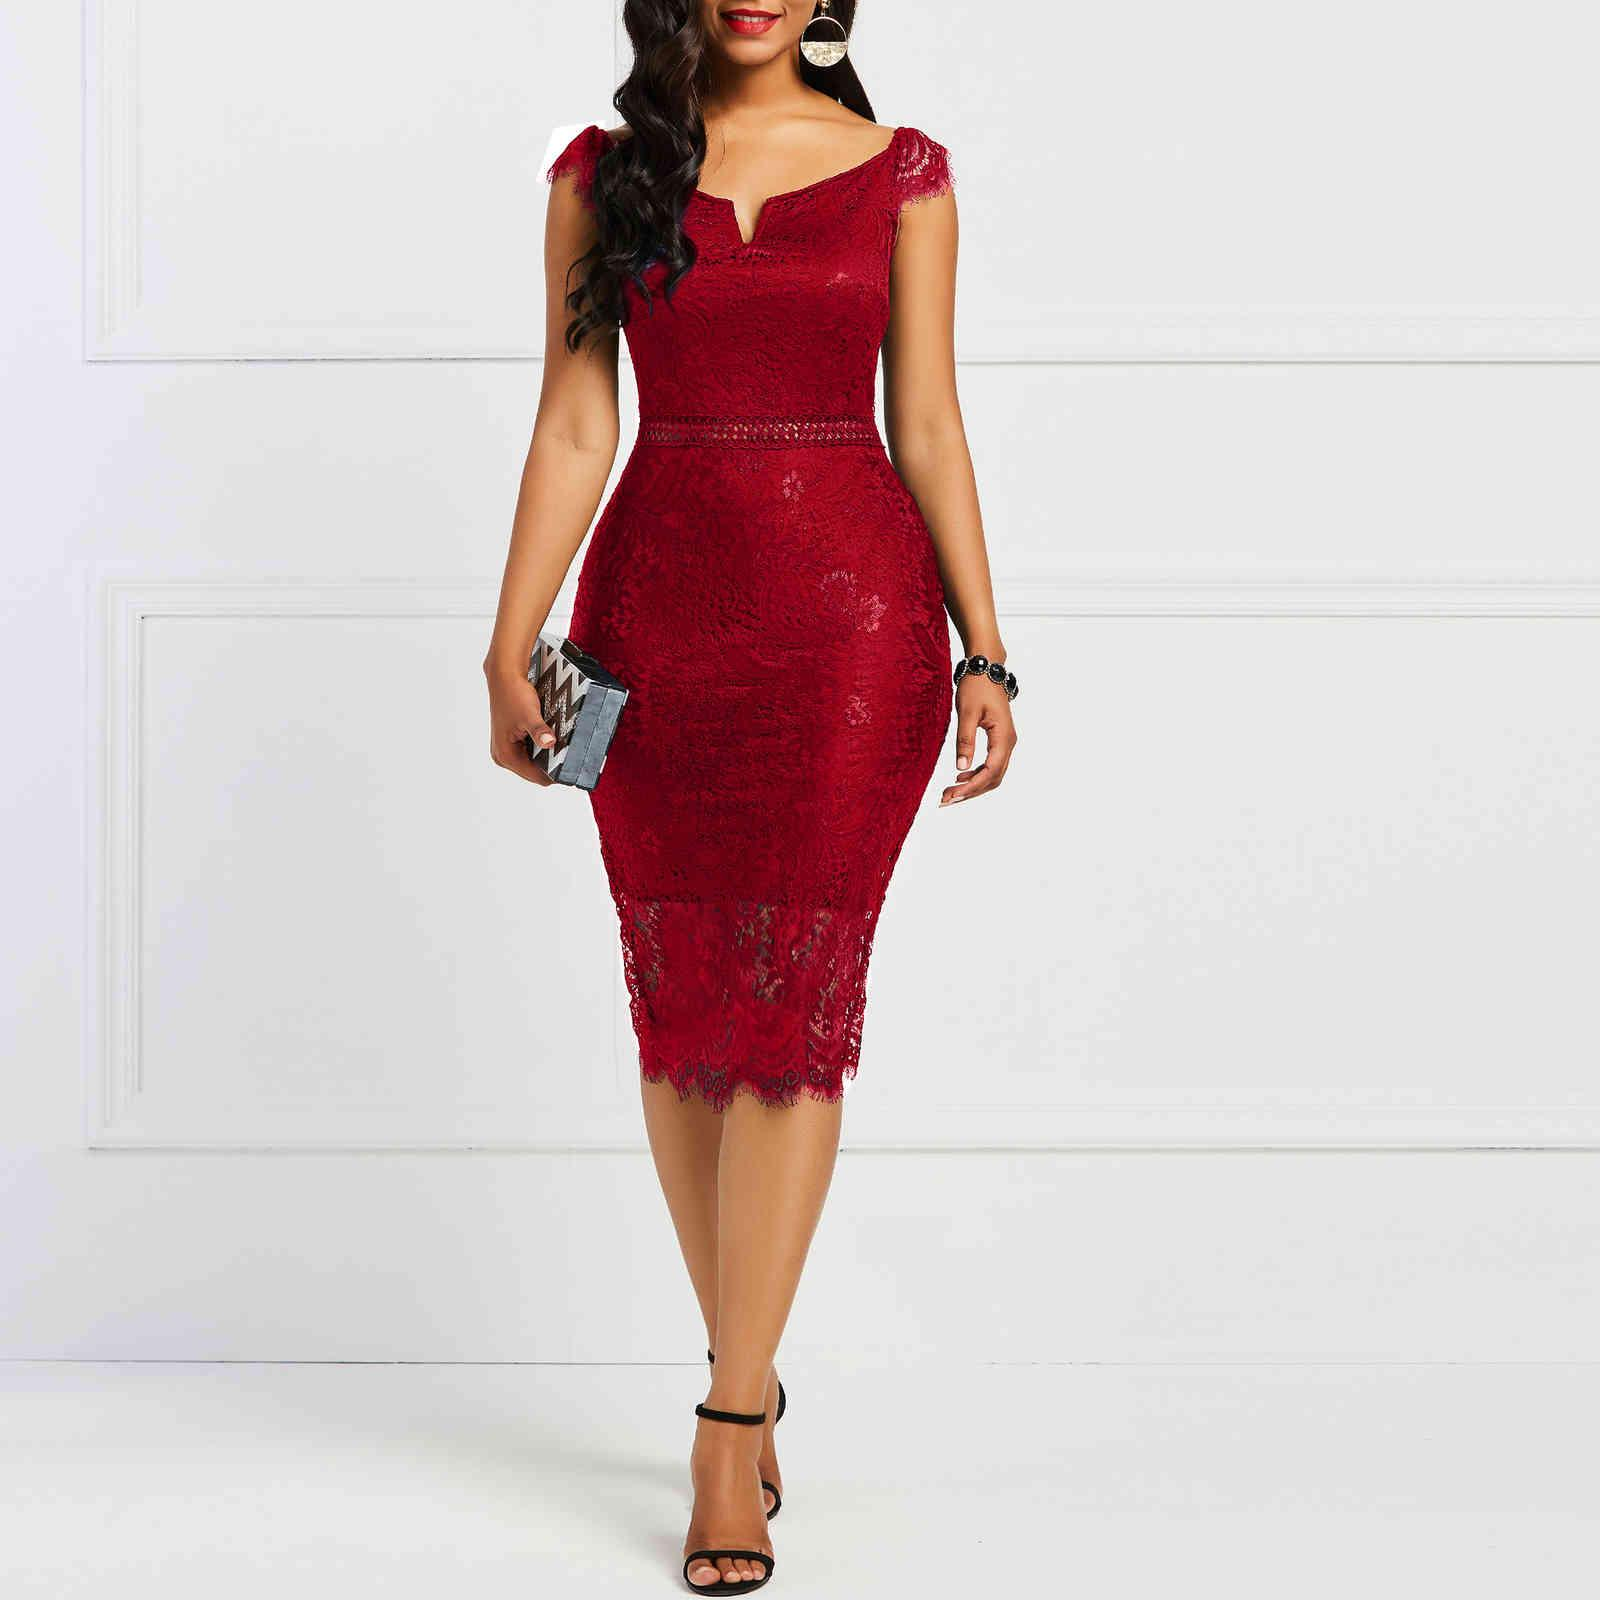 Vêtements à la mode Mode Femmes Vêtements Modycon Soirée Partie longue Dentelle Dentelle Robe décontractée Dresses Robes Femmes Élégant pour Dame